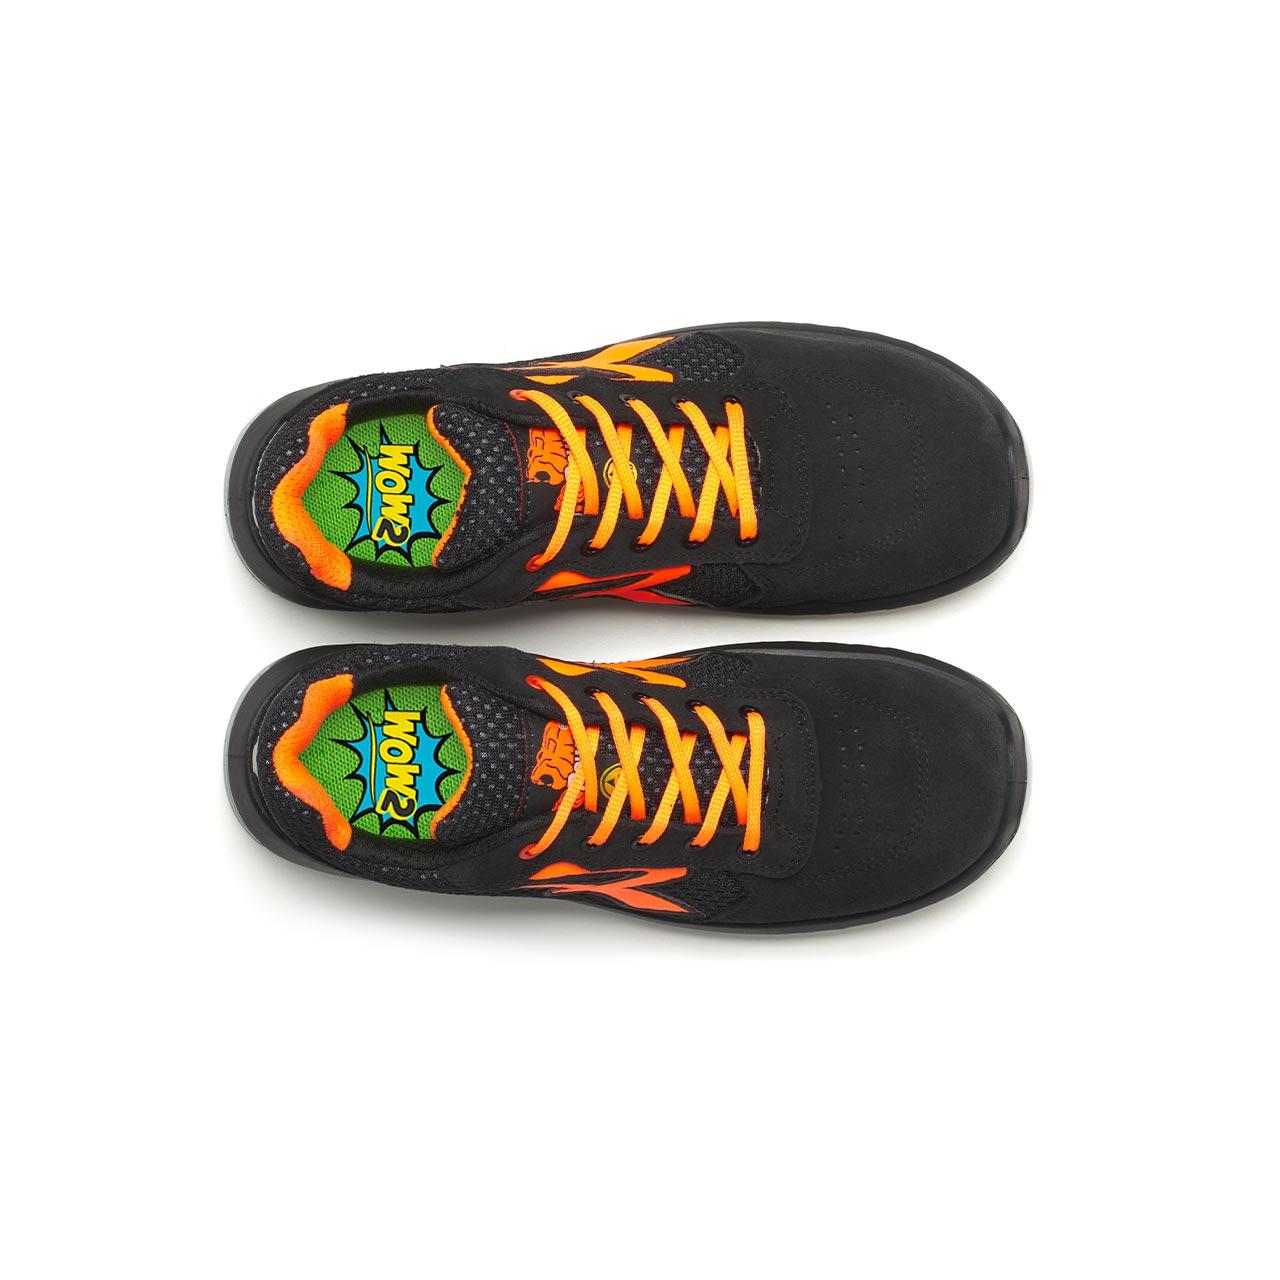 paio di scarpe antinfortunistiche upower modello nairobi linea redindustry vista top